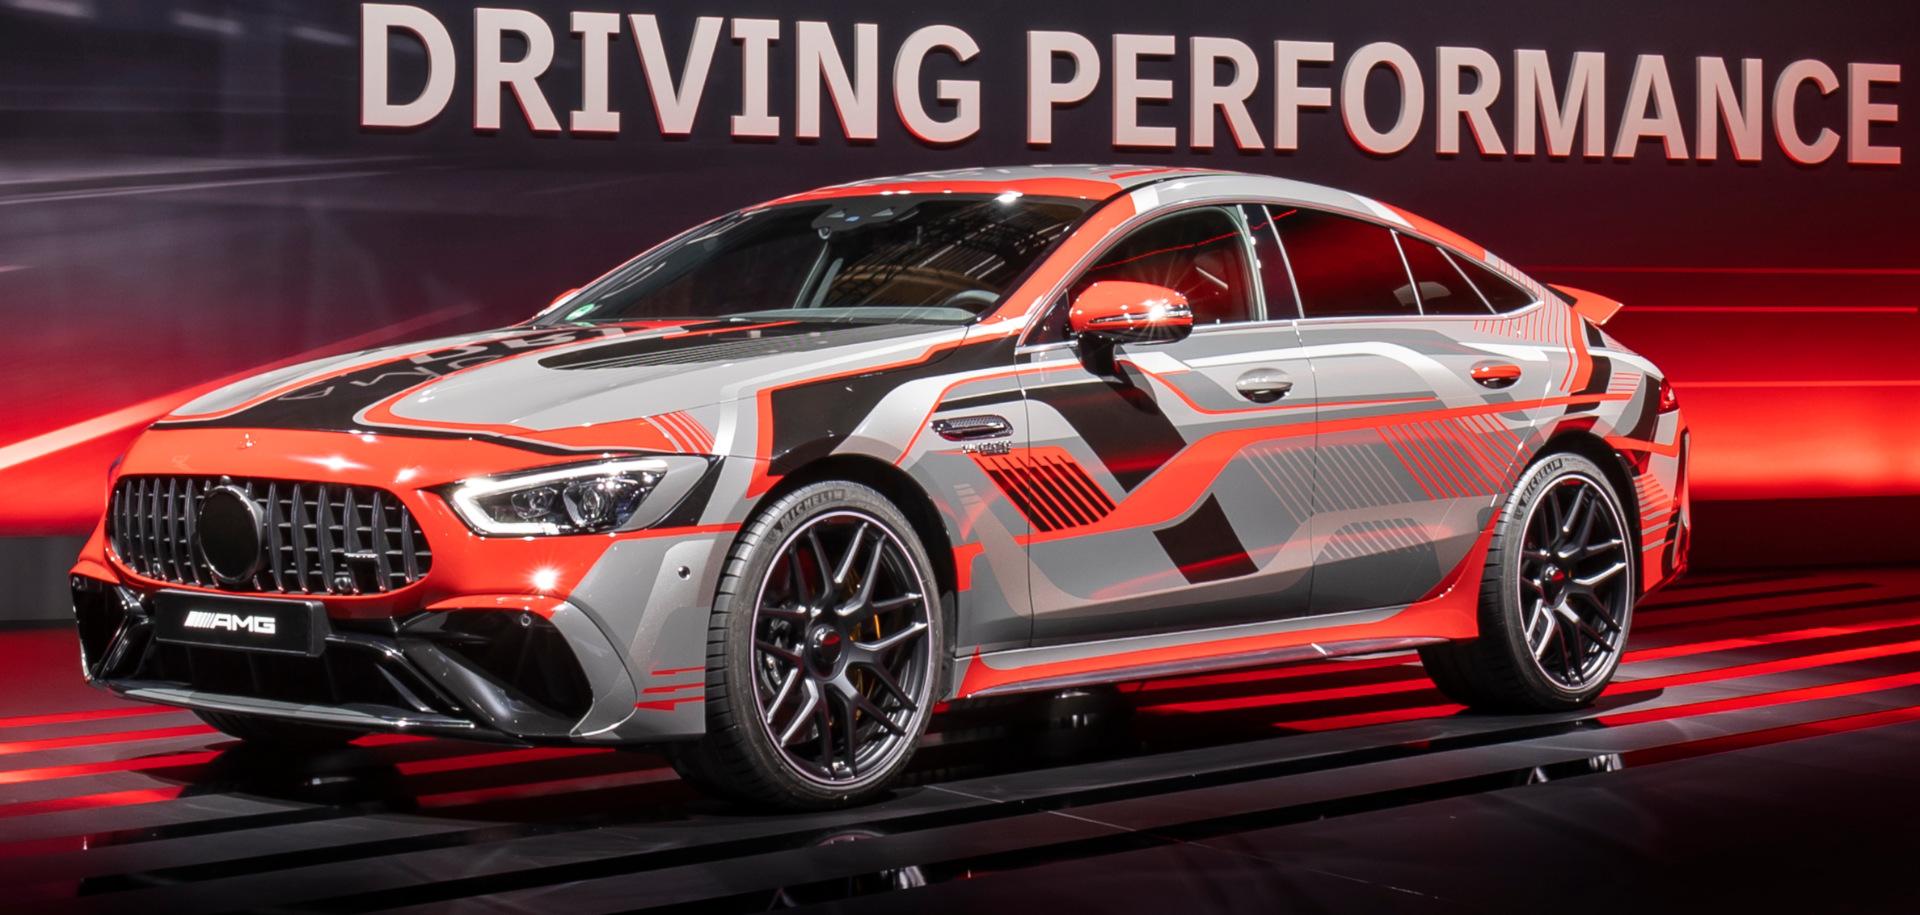 O novo cupê Mercedes-AMG GT, de quatro portas